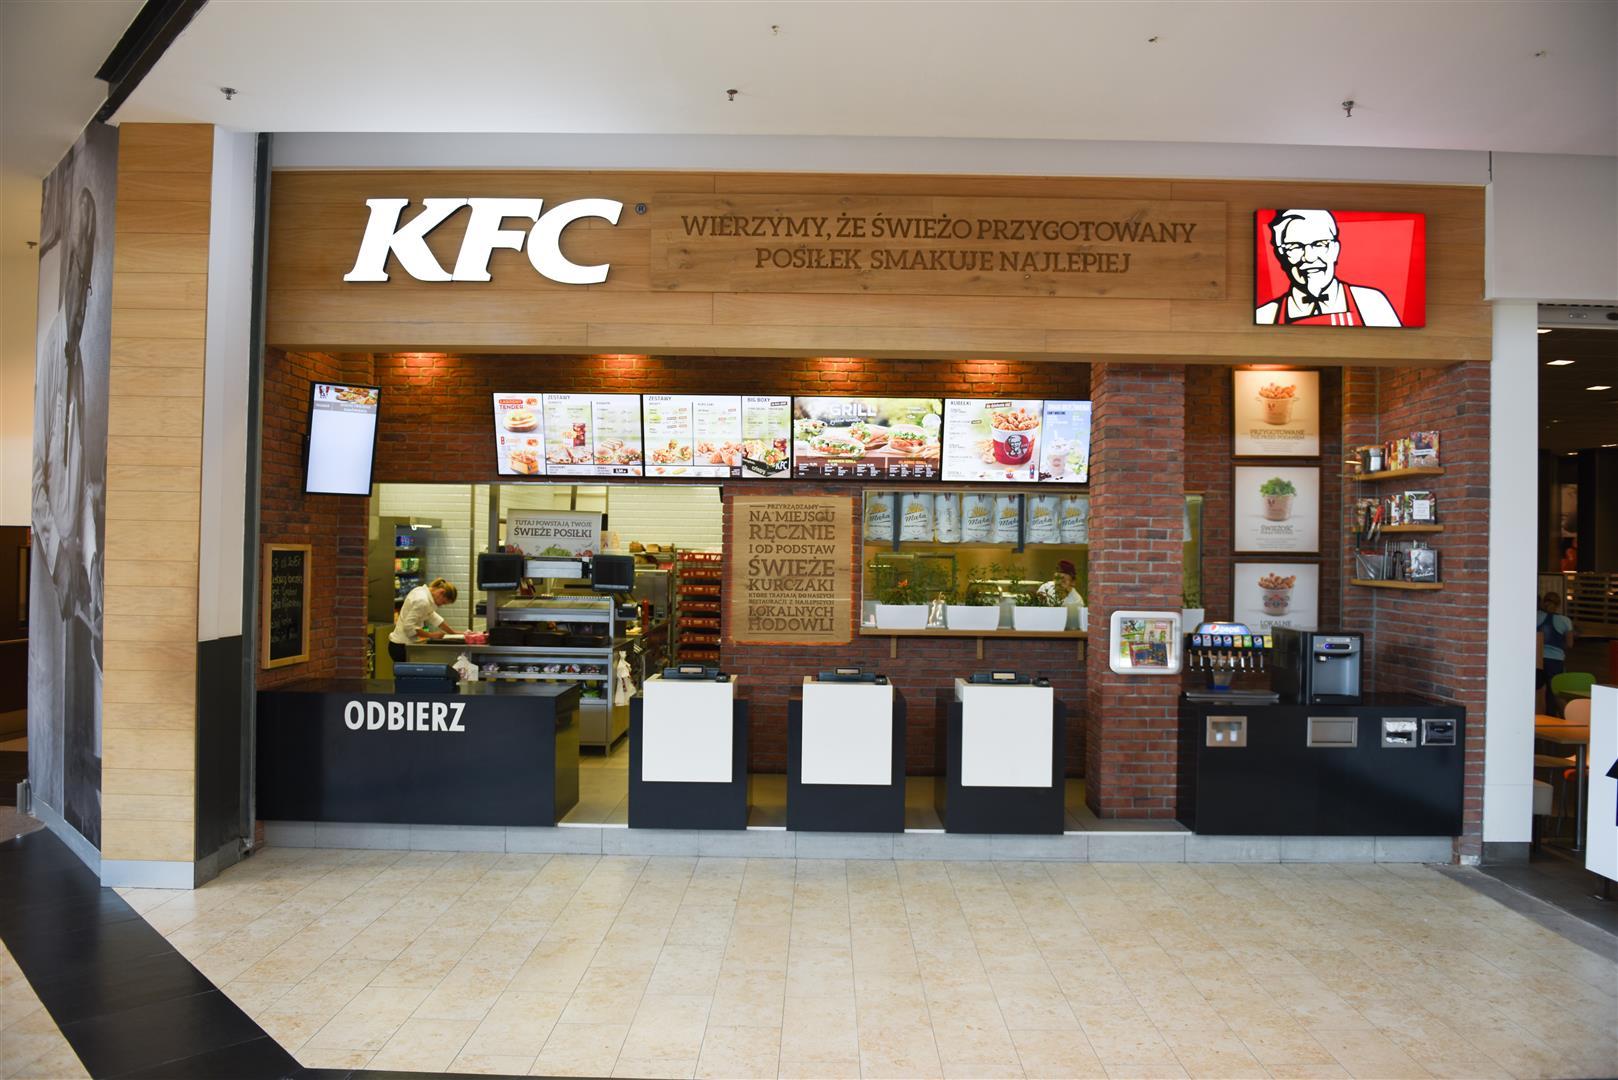 Praktycznie wszędzie fast foody. Wyjątkiem m.in. okolice Kutna. Czy to się zmieni? - Zdjęcie główne